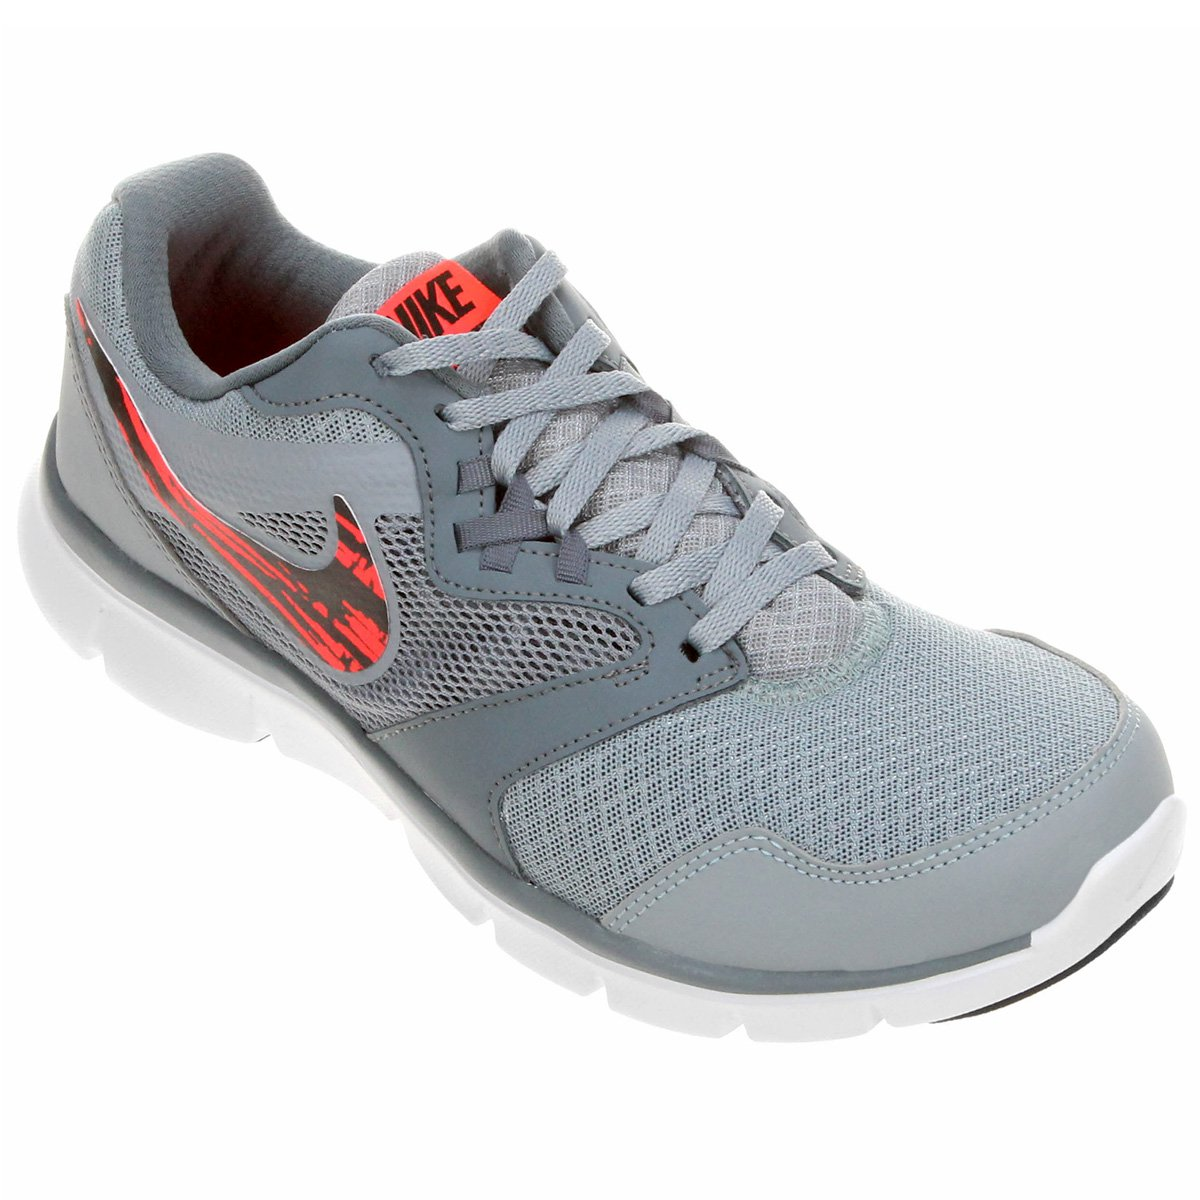 a210557144 Tênis Nike Flex Experience RN 3 MSL - Compre Agora